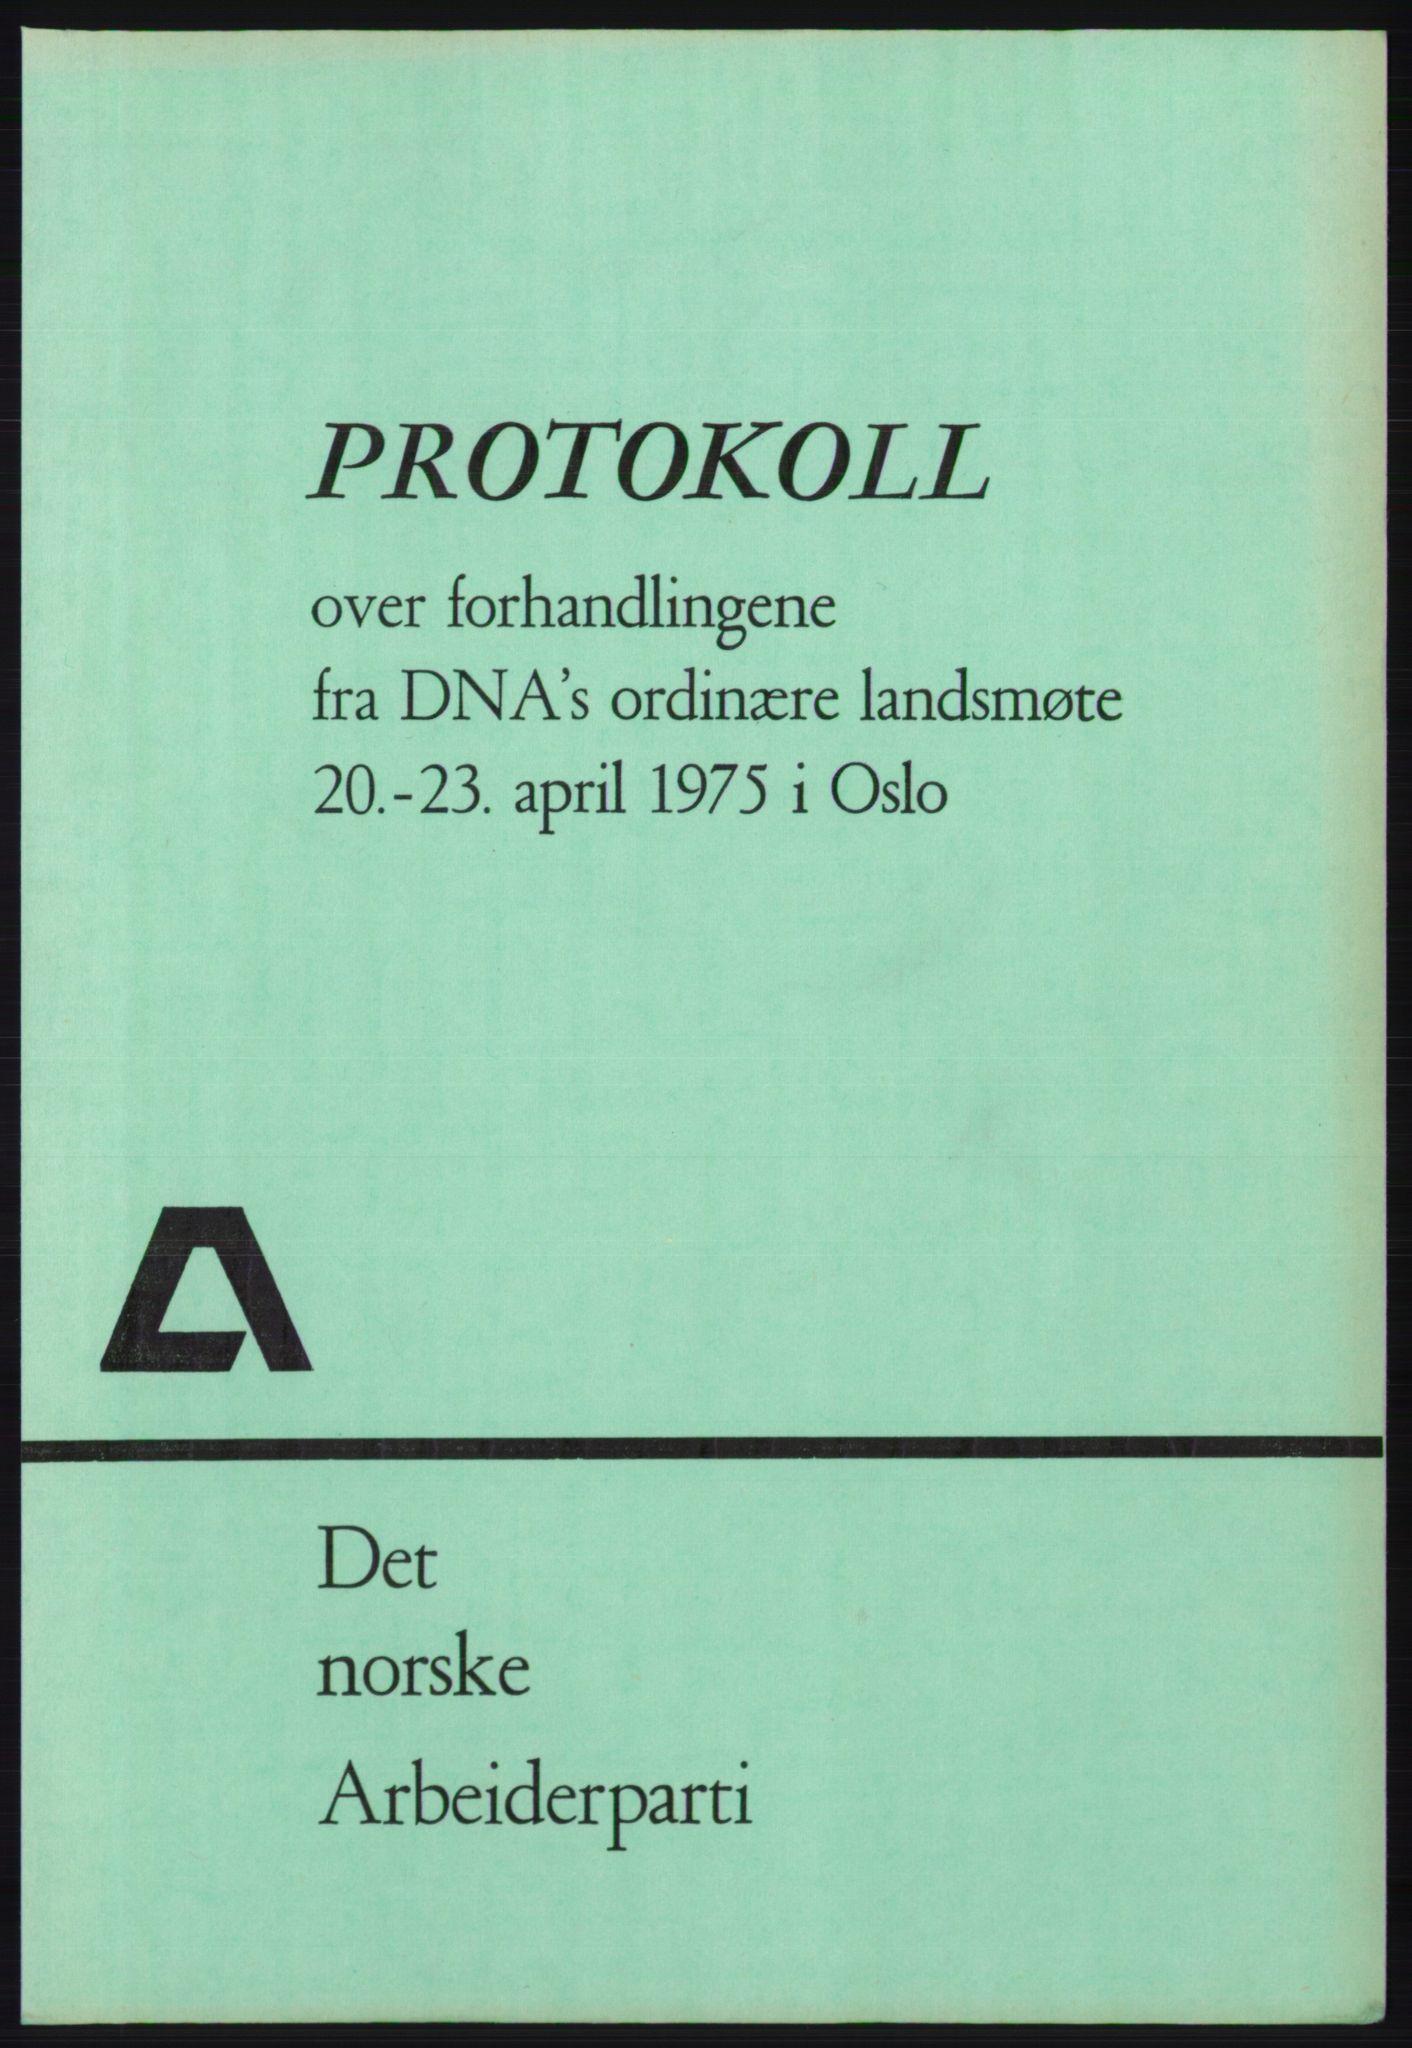 AAB, Det norske Arbeiderparti - publikasjoner, -/-: Protokoll over forhandlingene på det 46. ordinære landsmøte 20.-23. april 1975, 1975